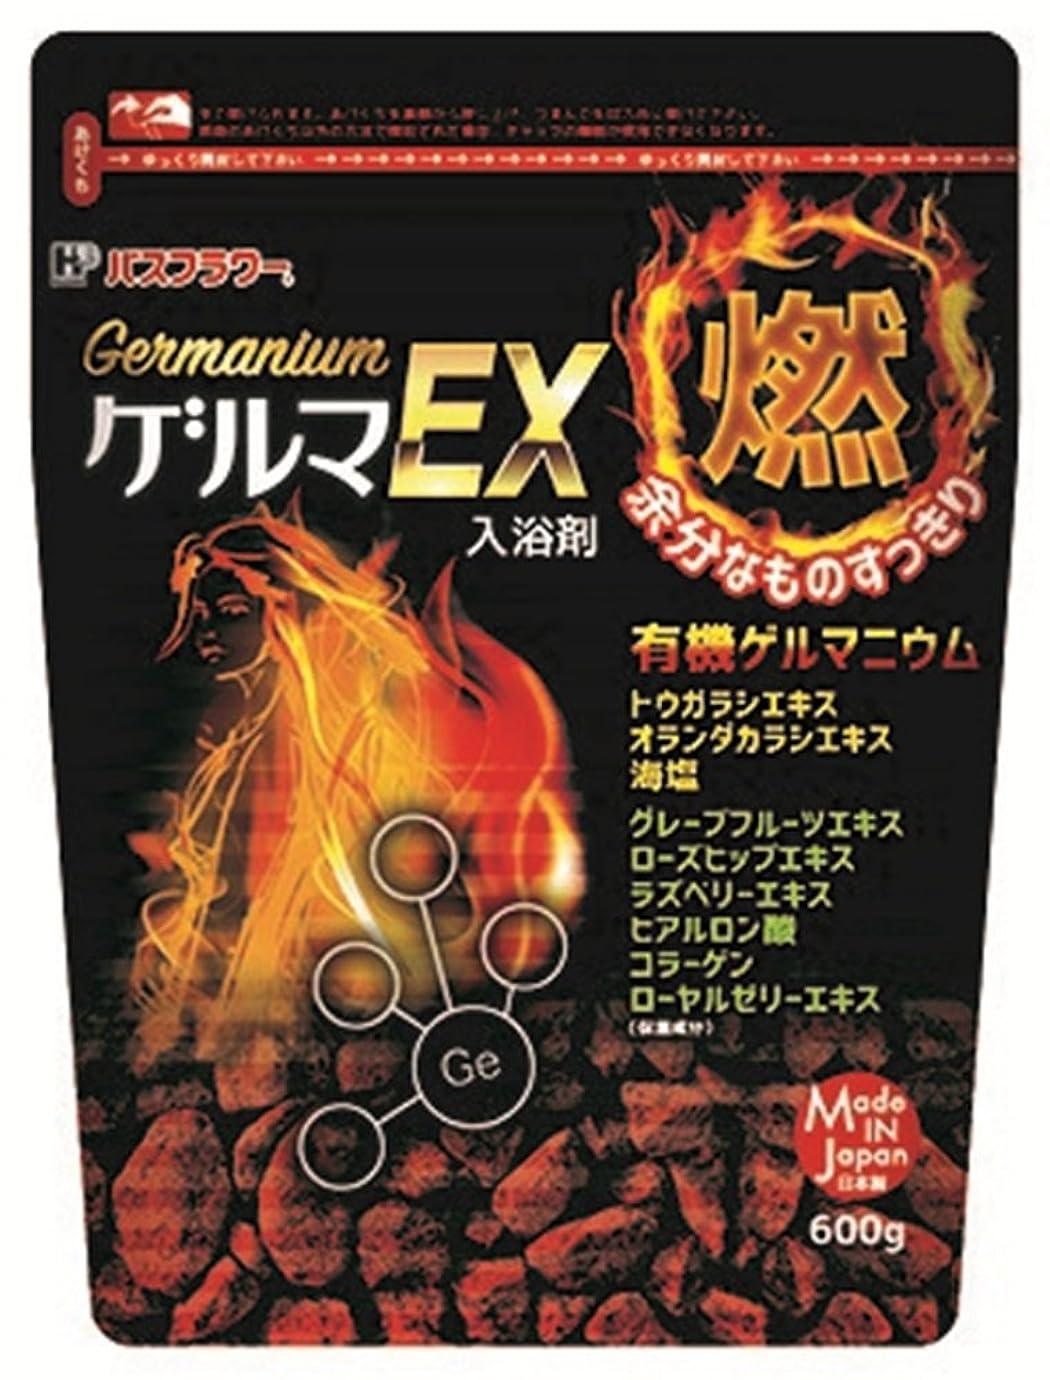 教え明確に朝ごはんヘルス バスフラワー 入浴剤 発汗促進タイプ ゲルマEX 600g